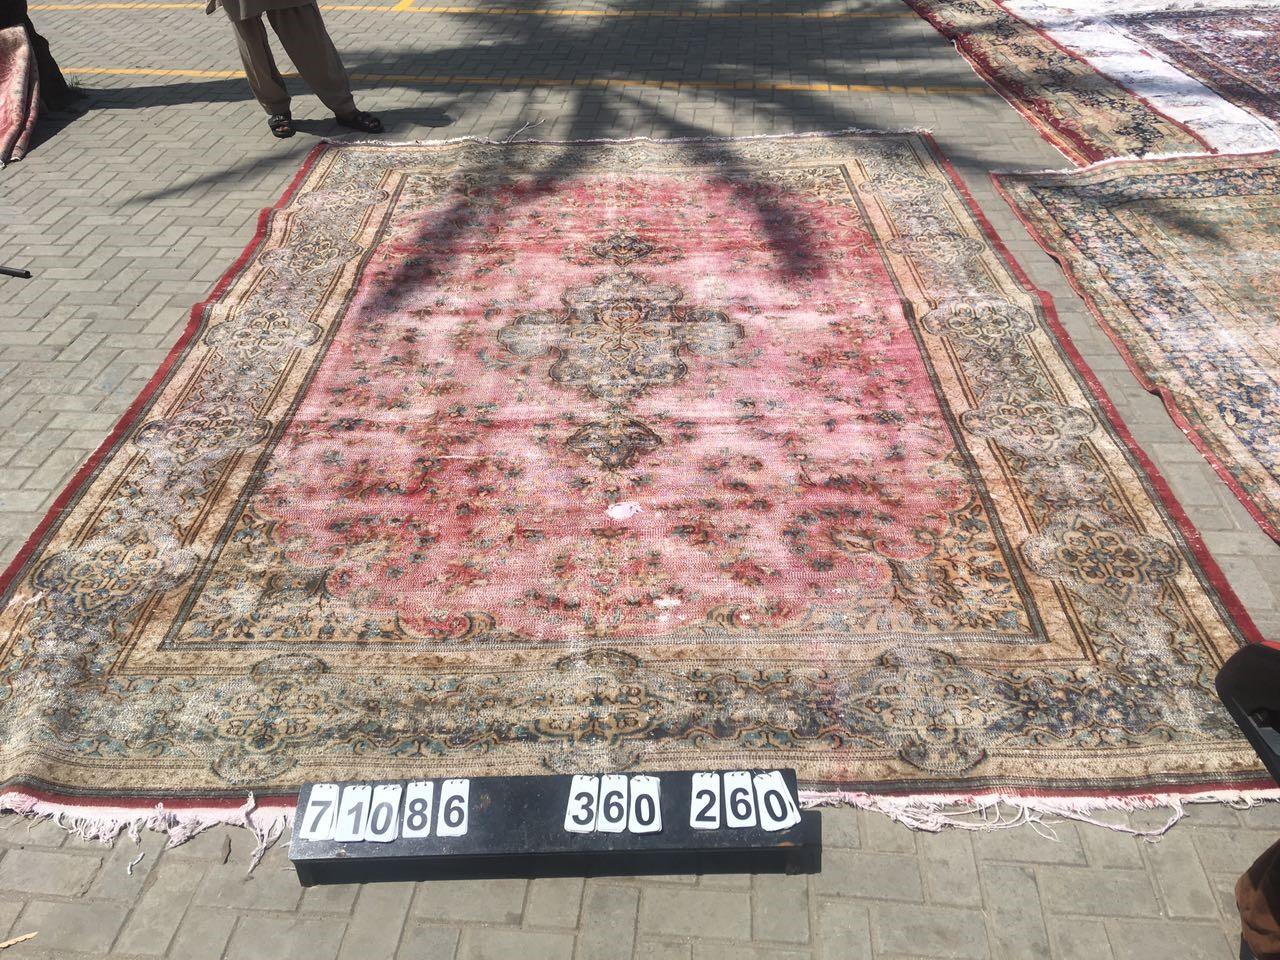 Vintage vloerkleed met rood 360cm x 260cm nr71086